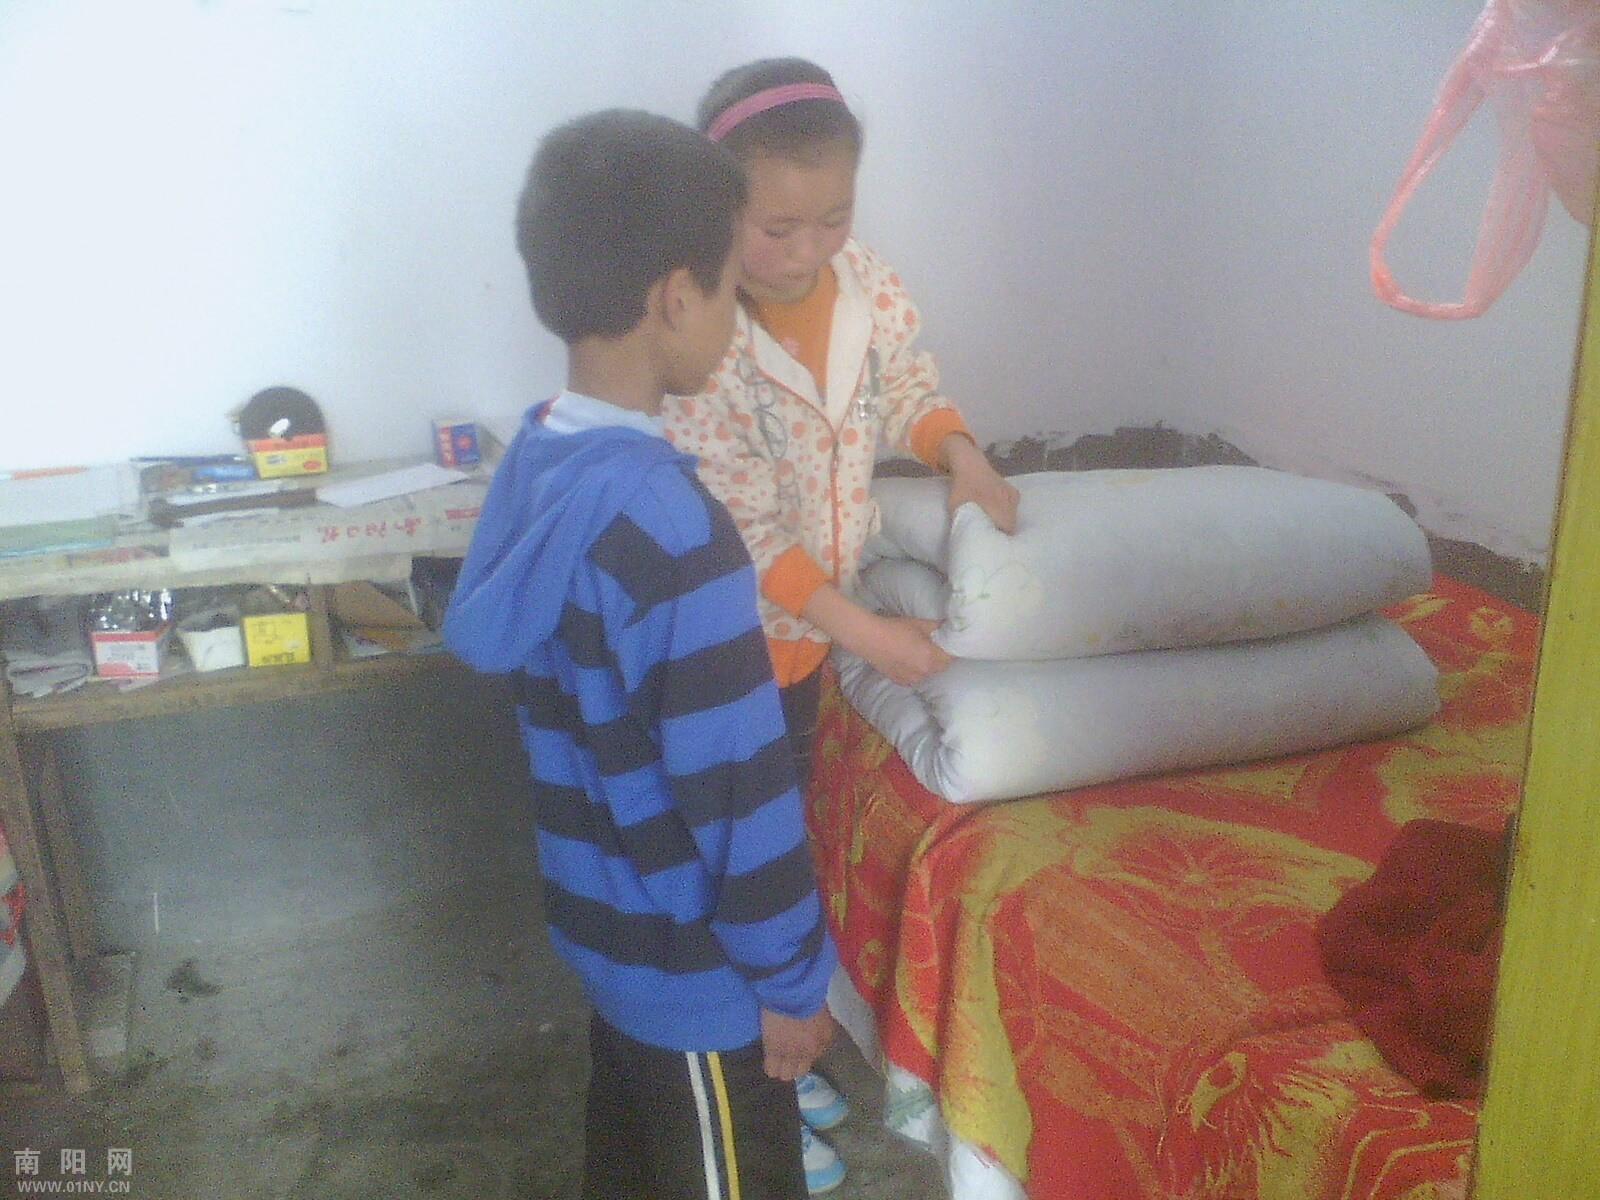 红领巾,洗手洗脸,整理文具;中年级同学要学会洗头,洗袜子,整理房间;高